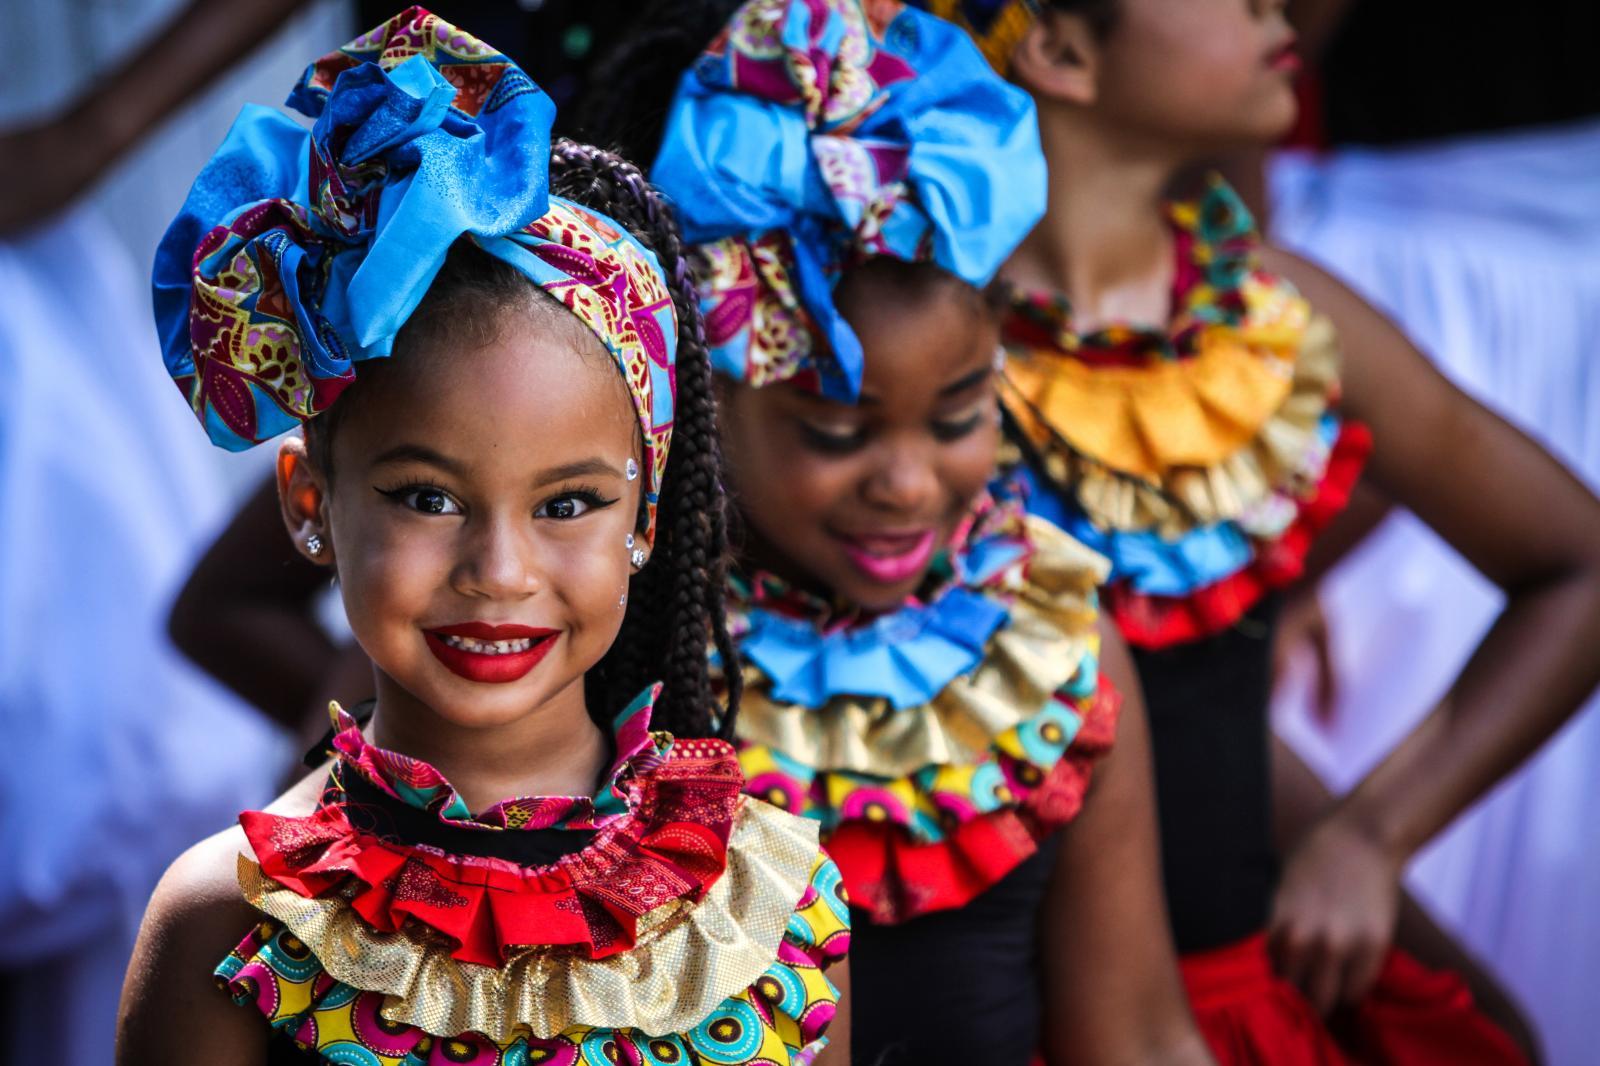 25 de julio de 2017. Inician las Fiestas Tradicionales con la Caravana de los Loiceños Ausentes.